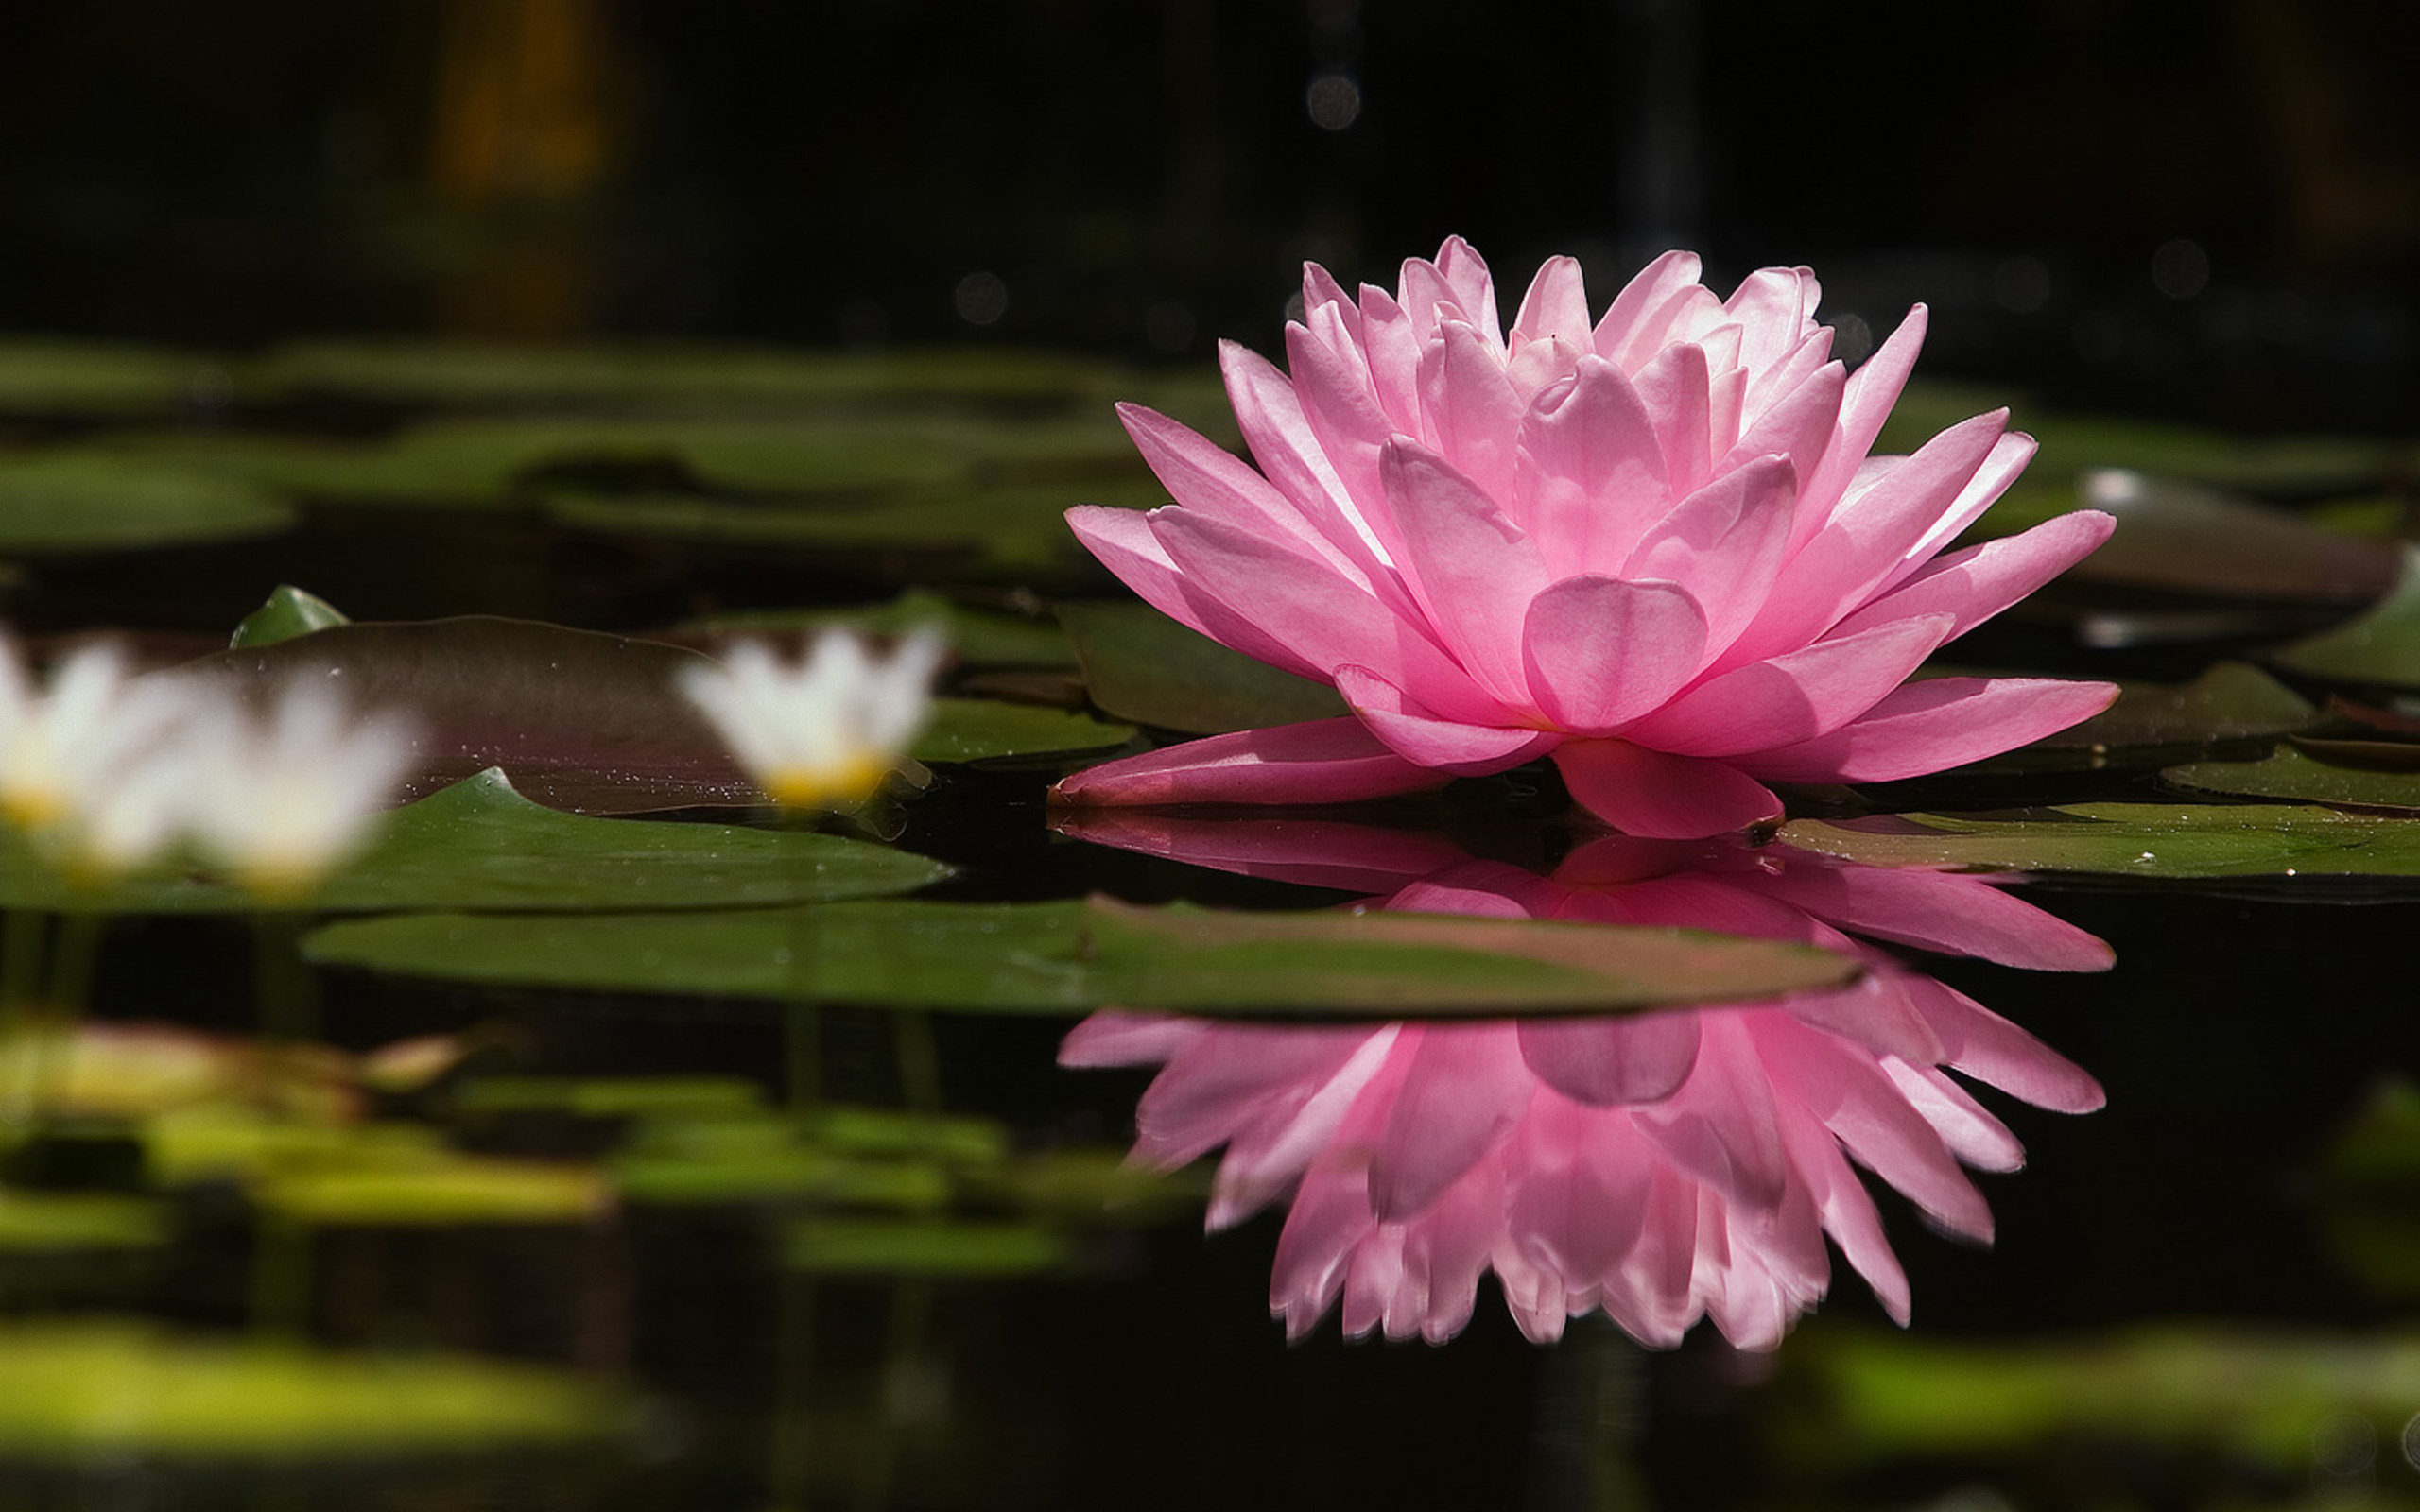 лилии озеро отражение  № 3274794 бесплатно